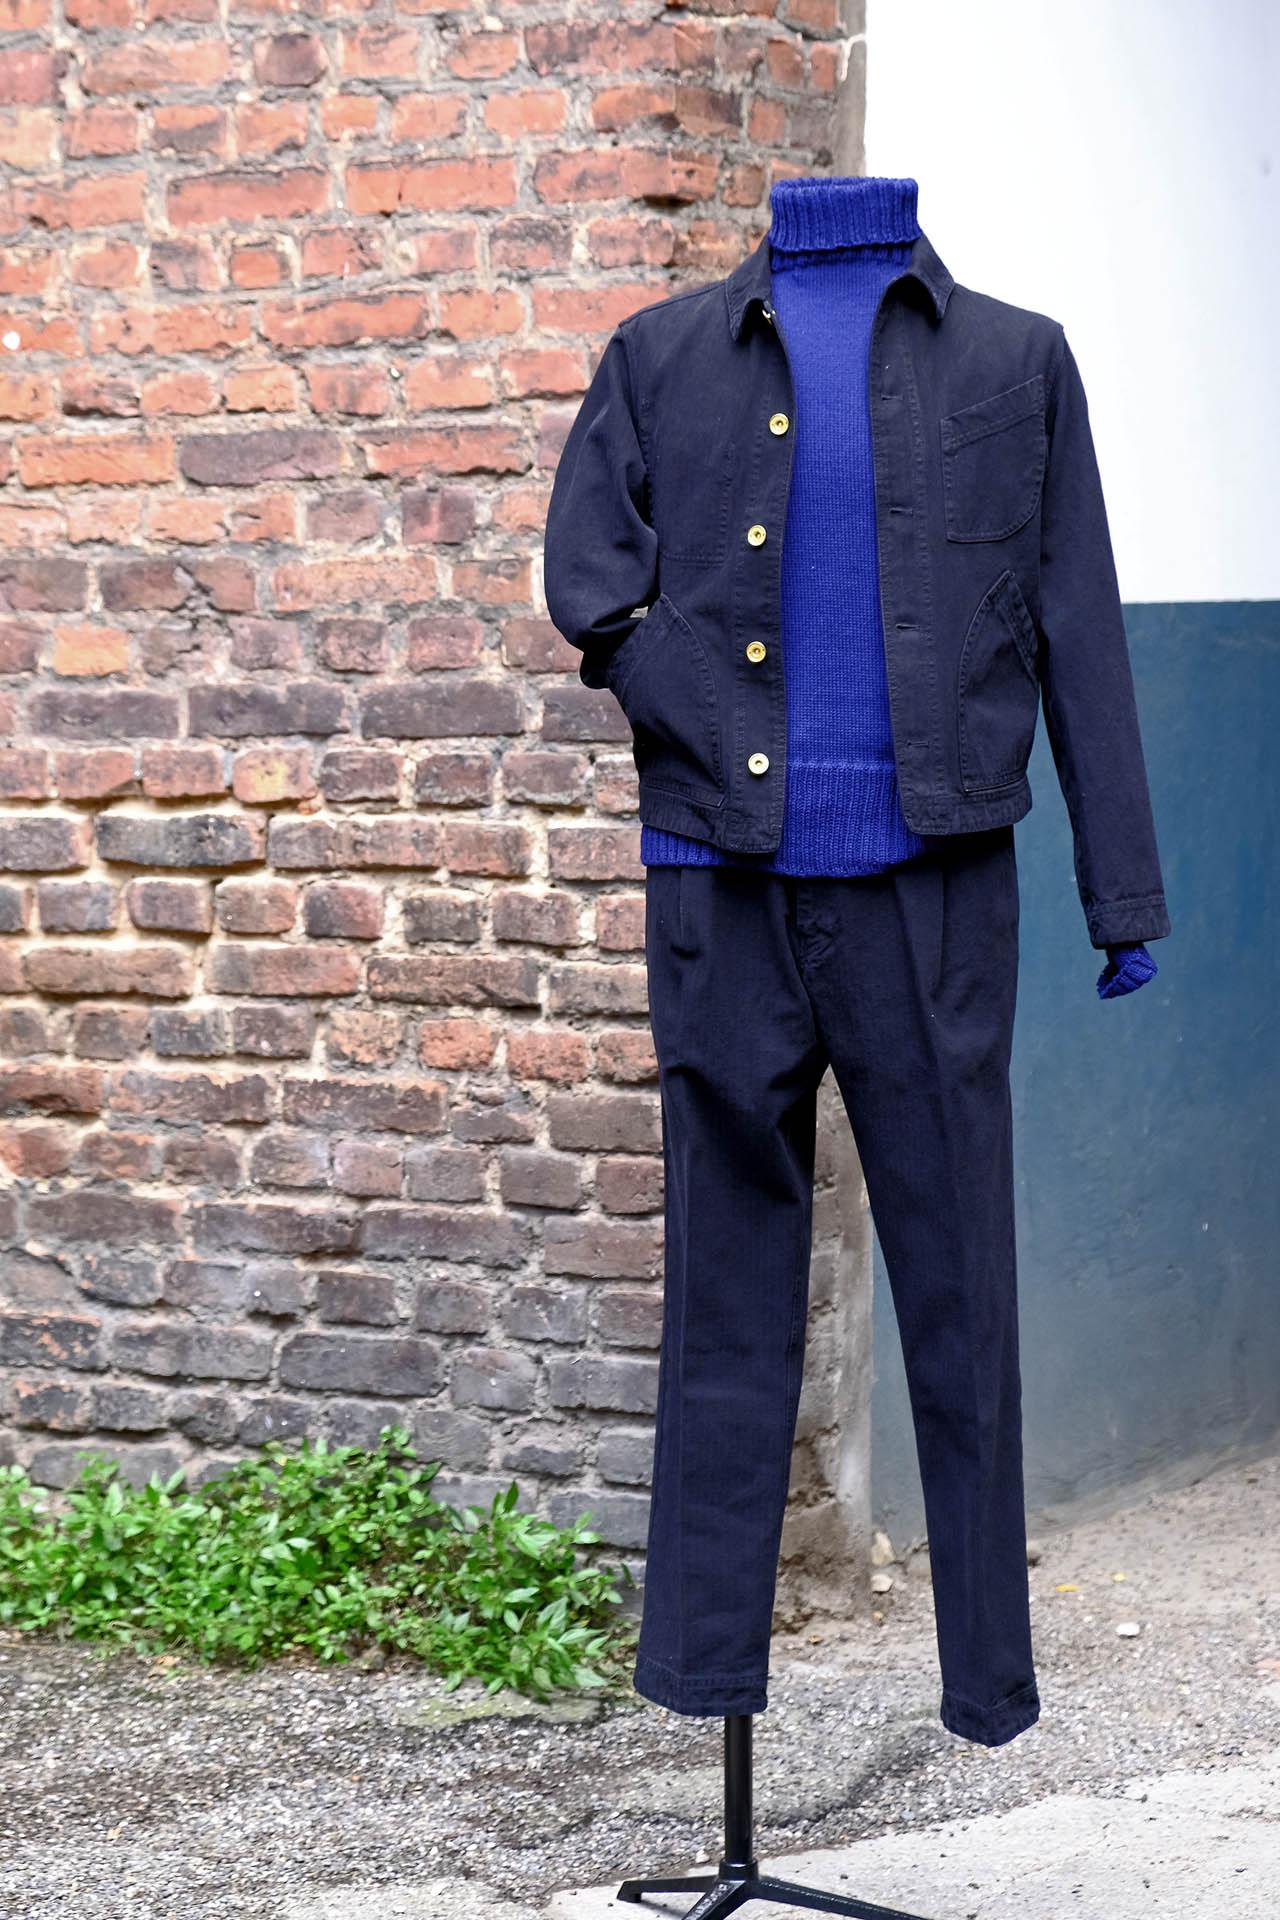 hansen-anzug-arbeiter-schwarz-herringbone-rollkragen-pullover-interbrigade